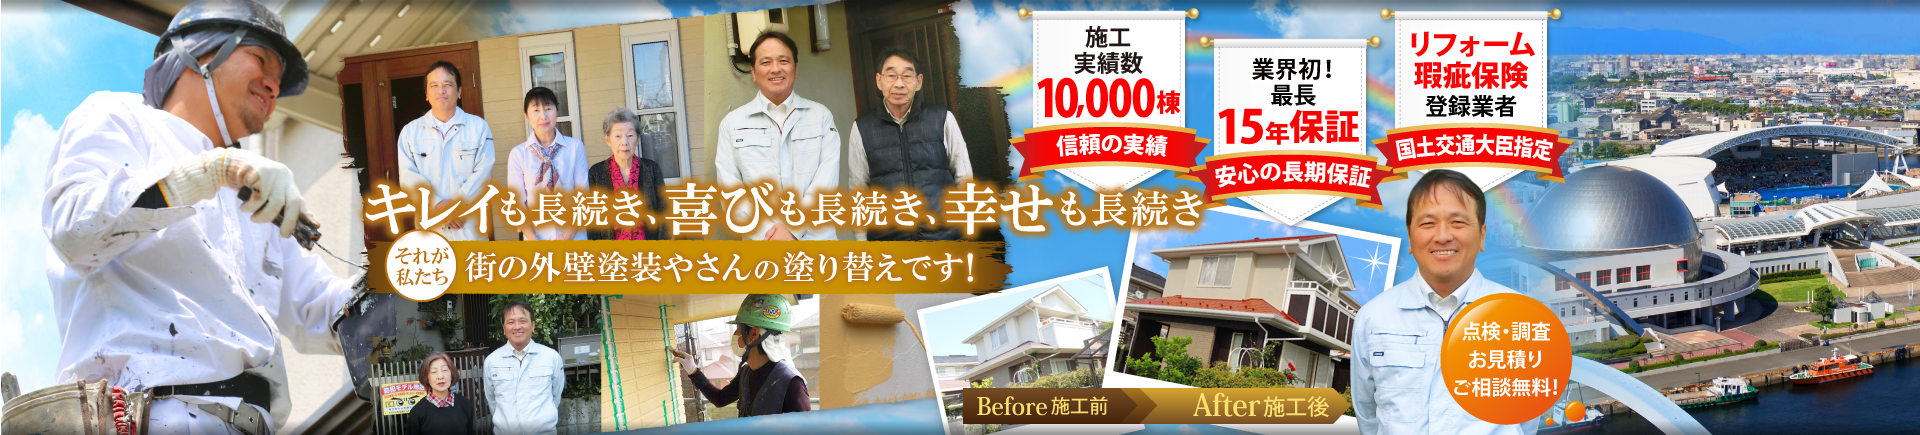 名古屋、東海、大府で外壁、屋根の塗装なら街の外壁塗装やさん名古屋南店